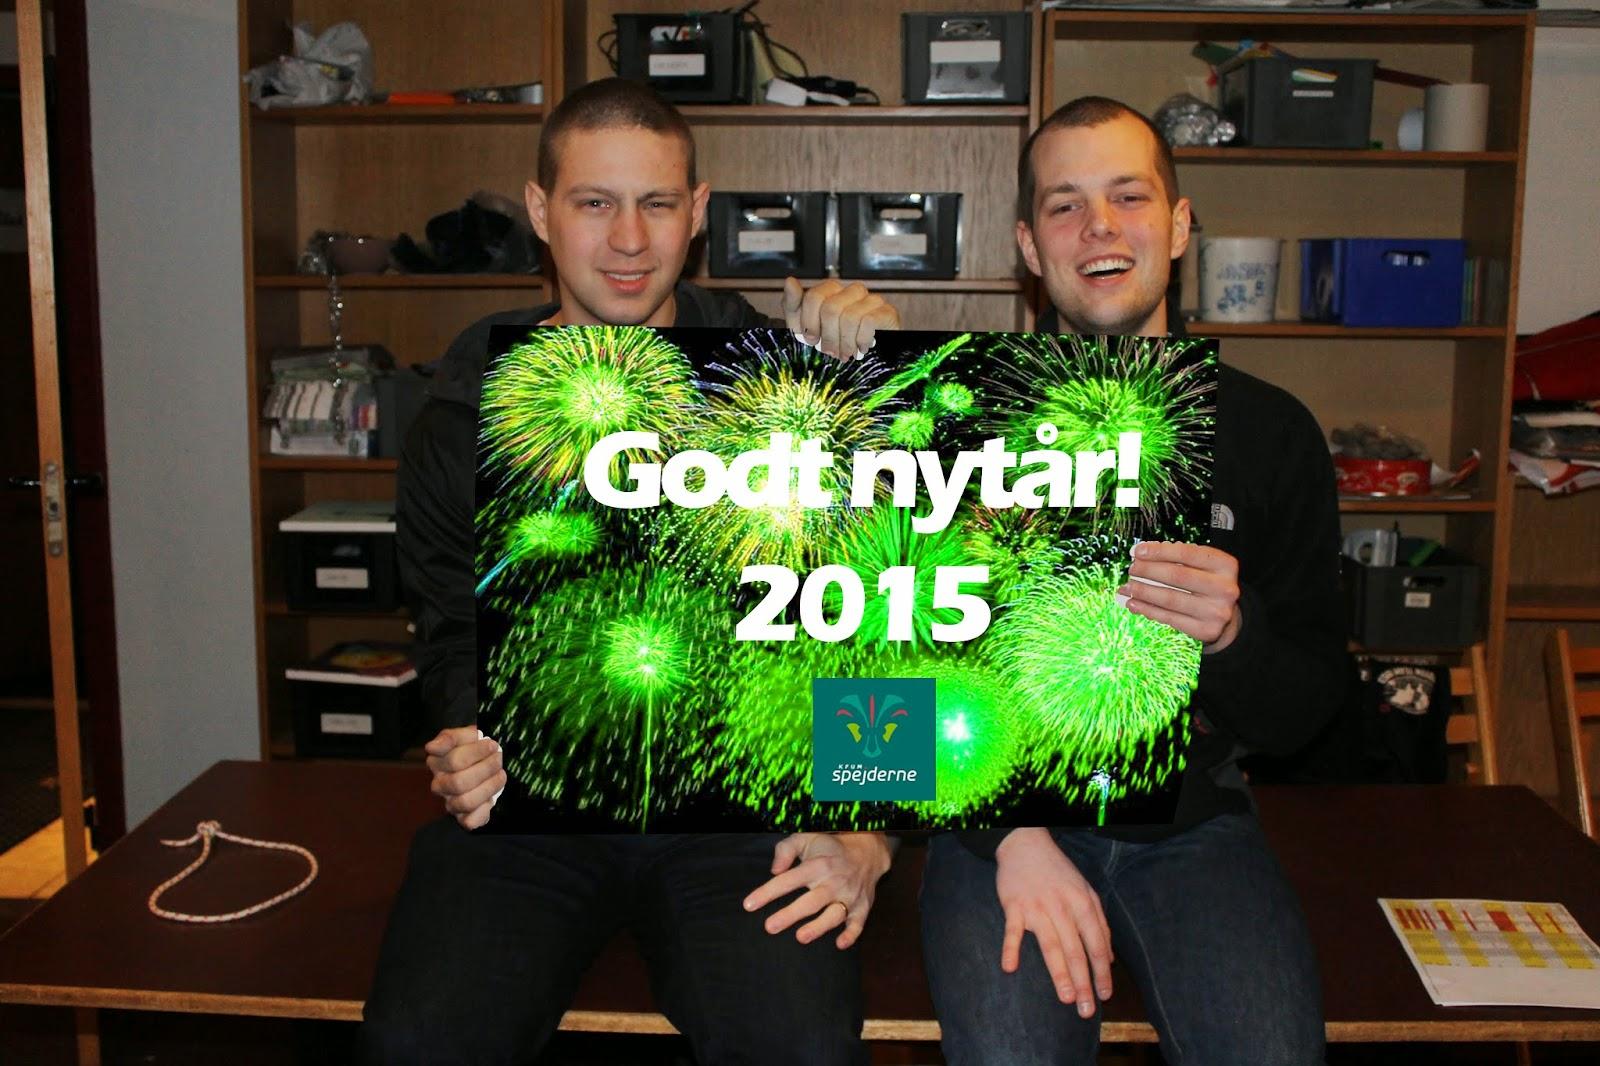 godt nytår 2015